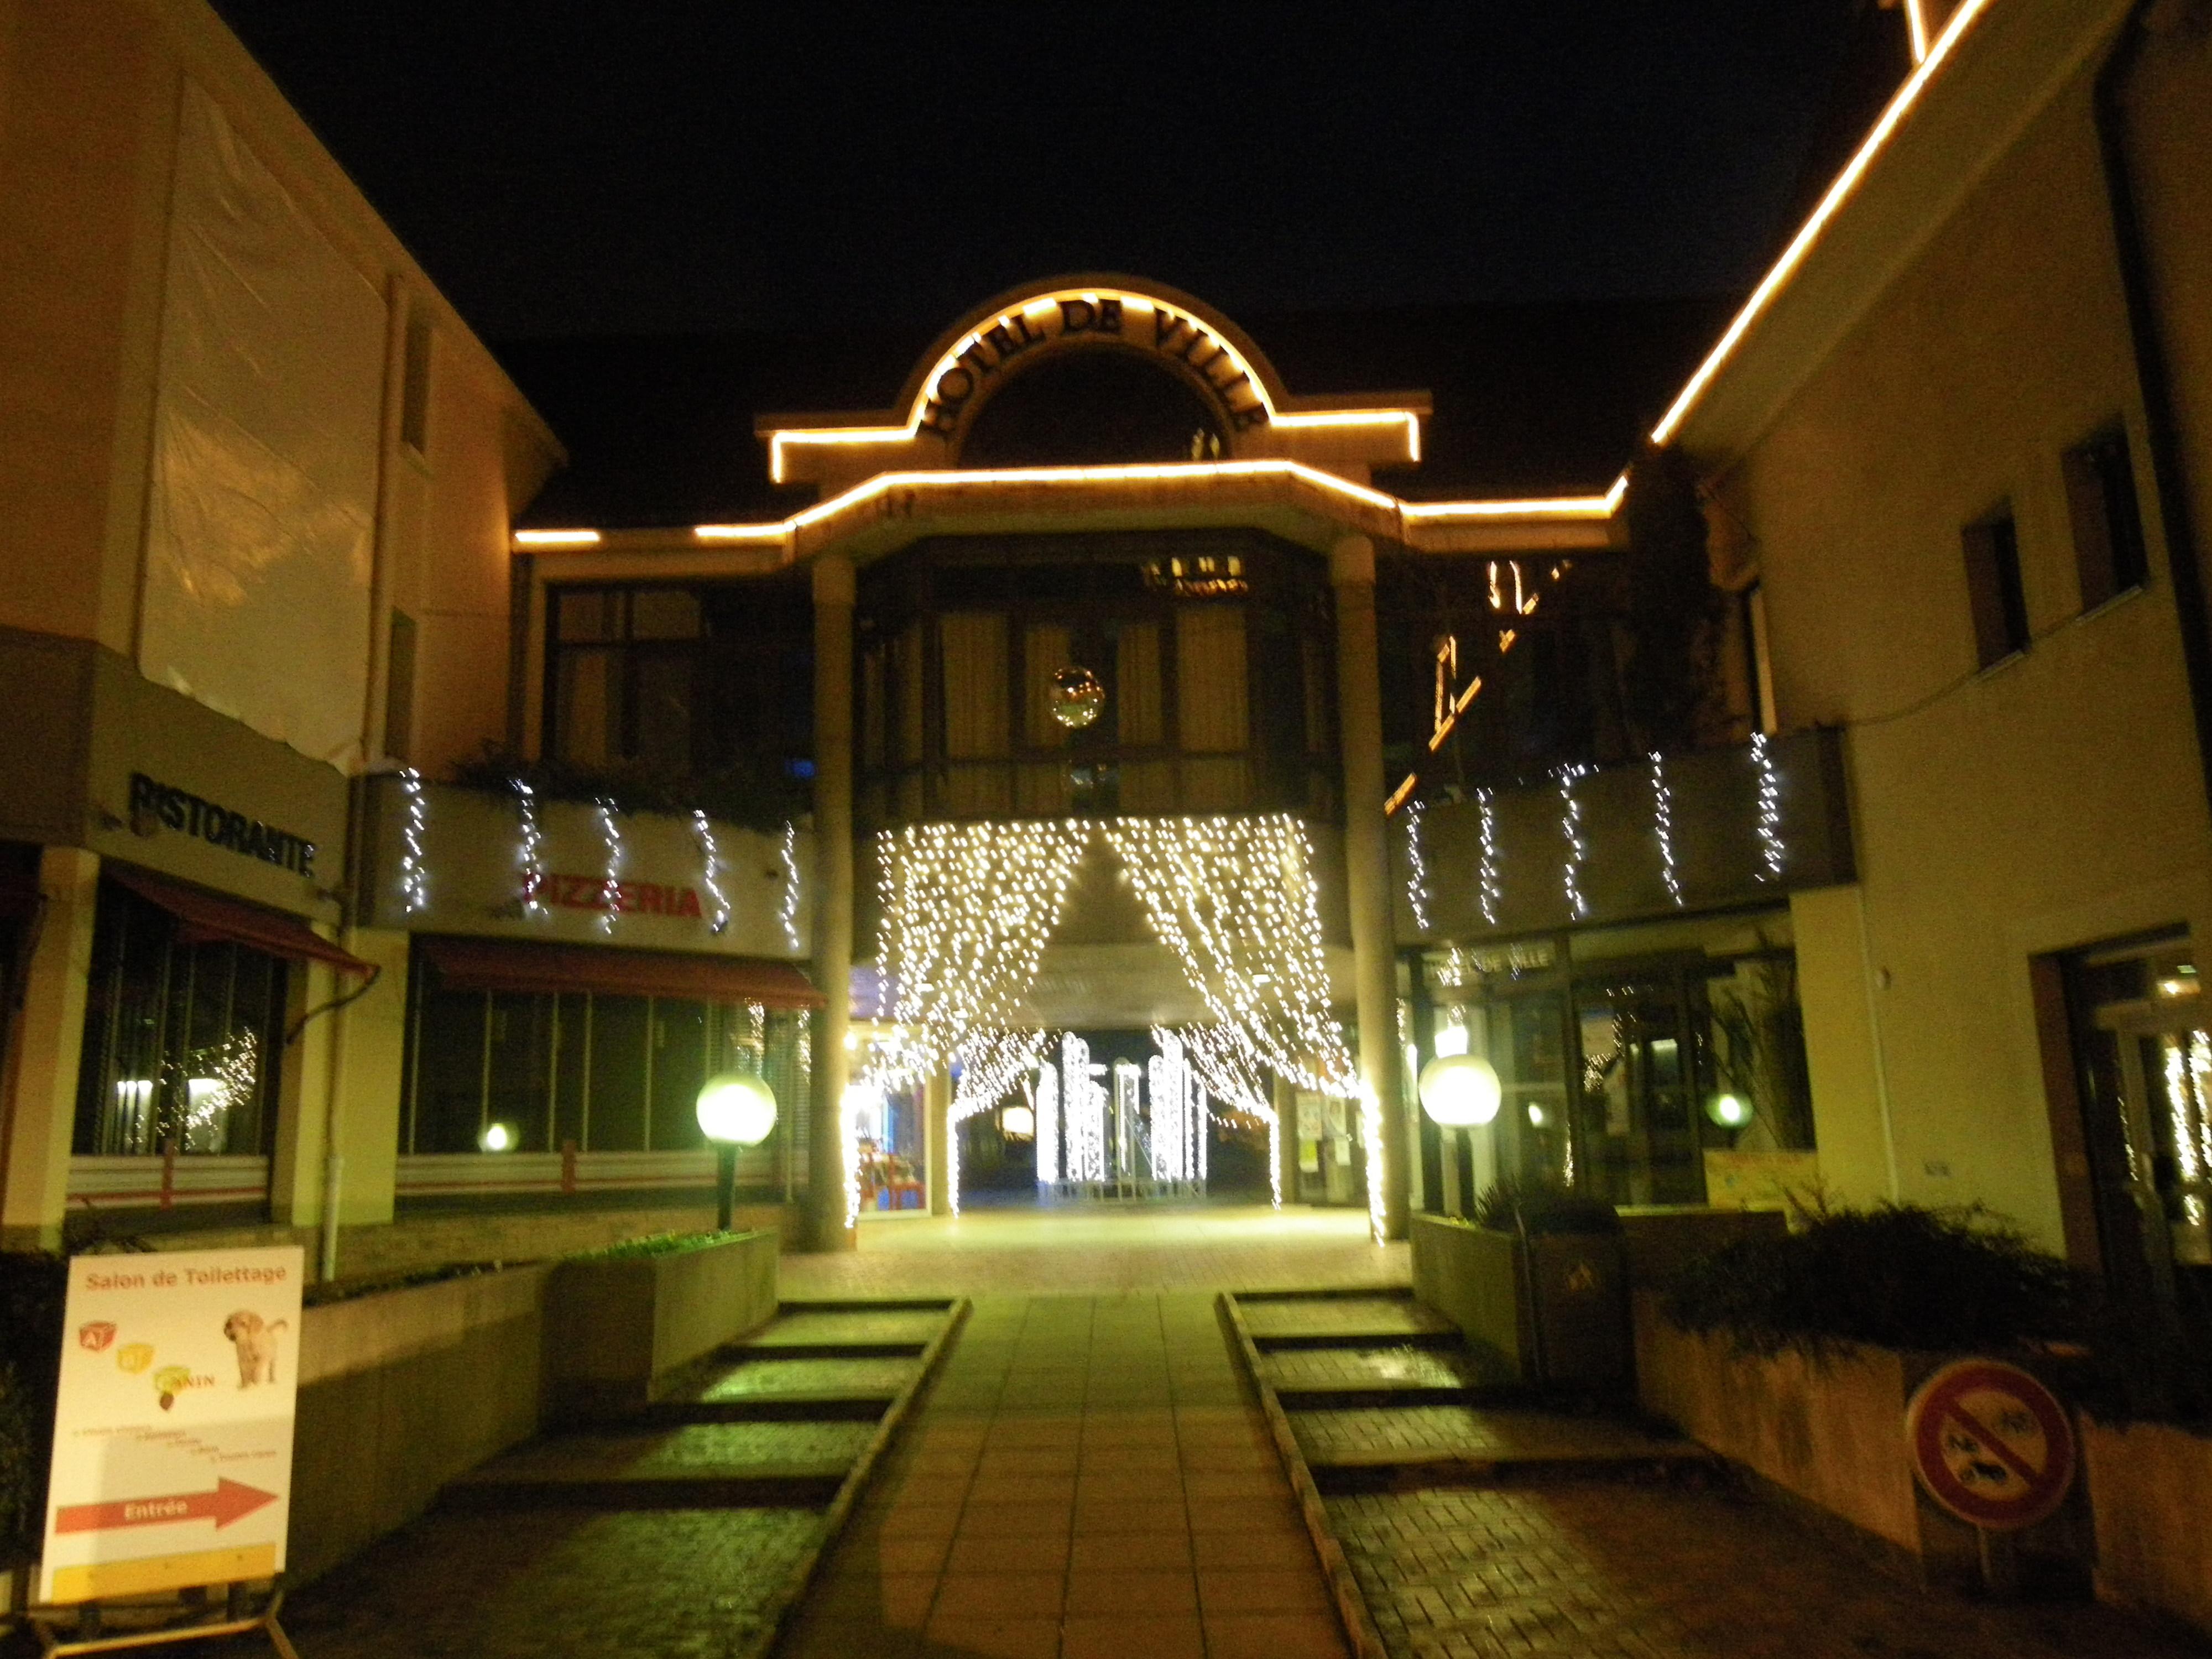 File Decoration De Noel A La Mairie De Noyal Sur Vilaine Panoramio Jpg Wikimedia Commons